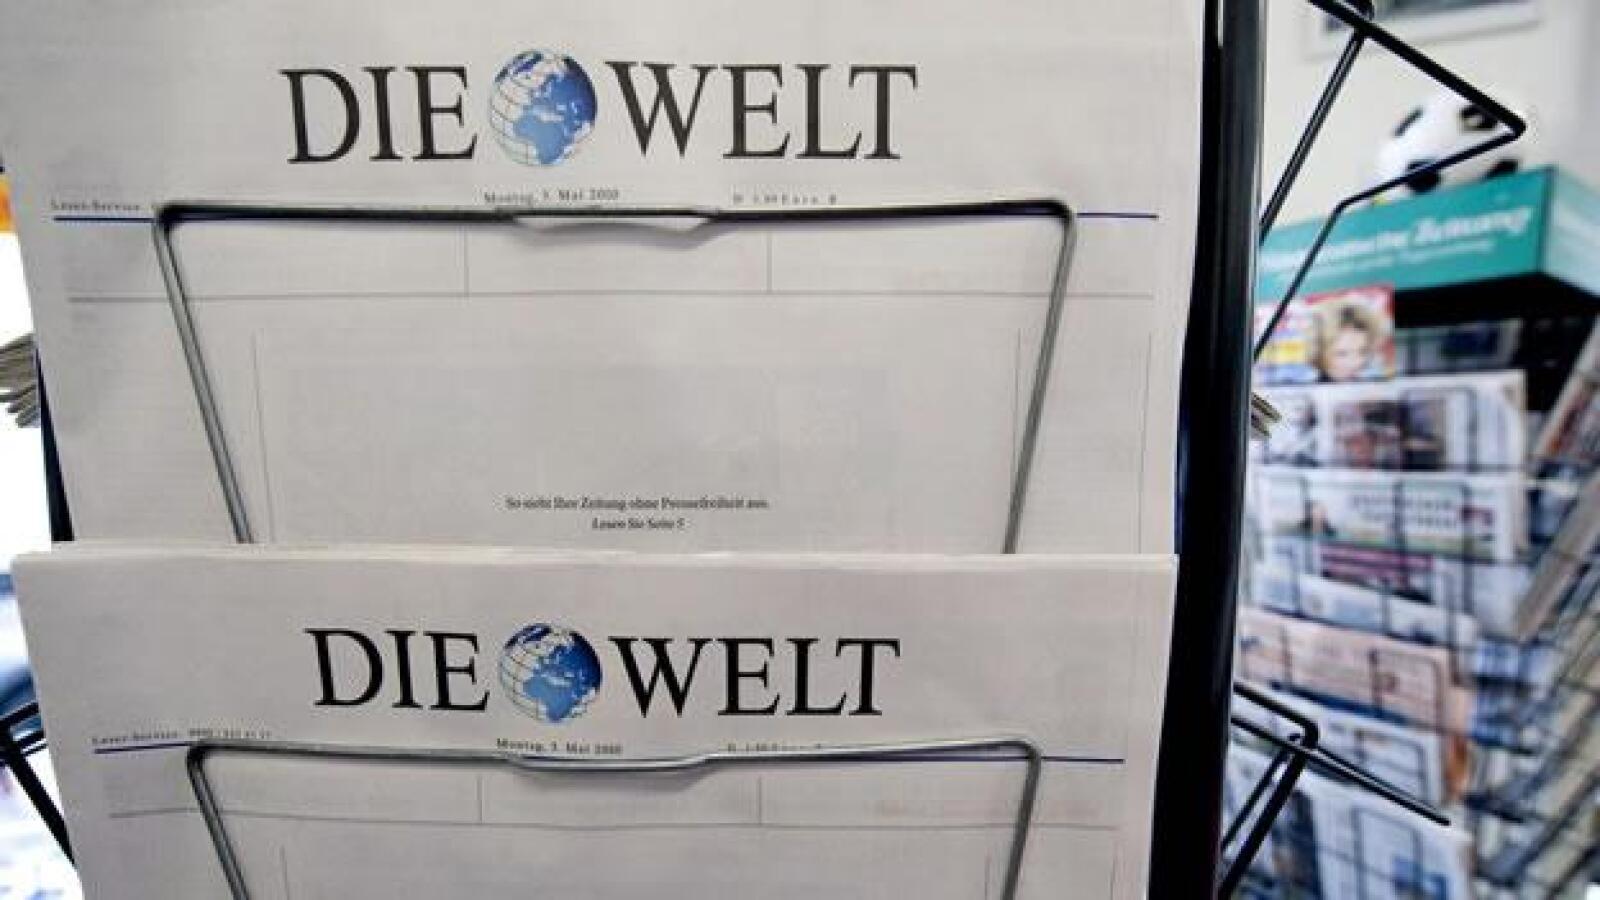 """El titular del diario alemán Die Welt decía """"así se vería tu periódico sin libertad de expresión"""""""